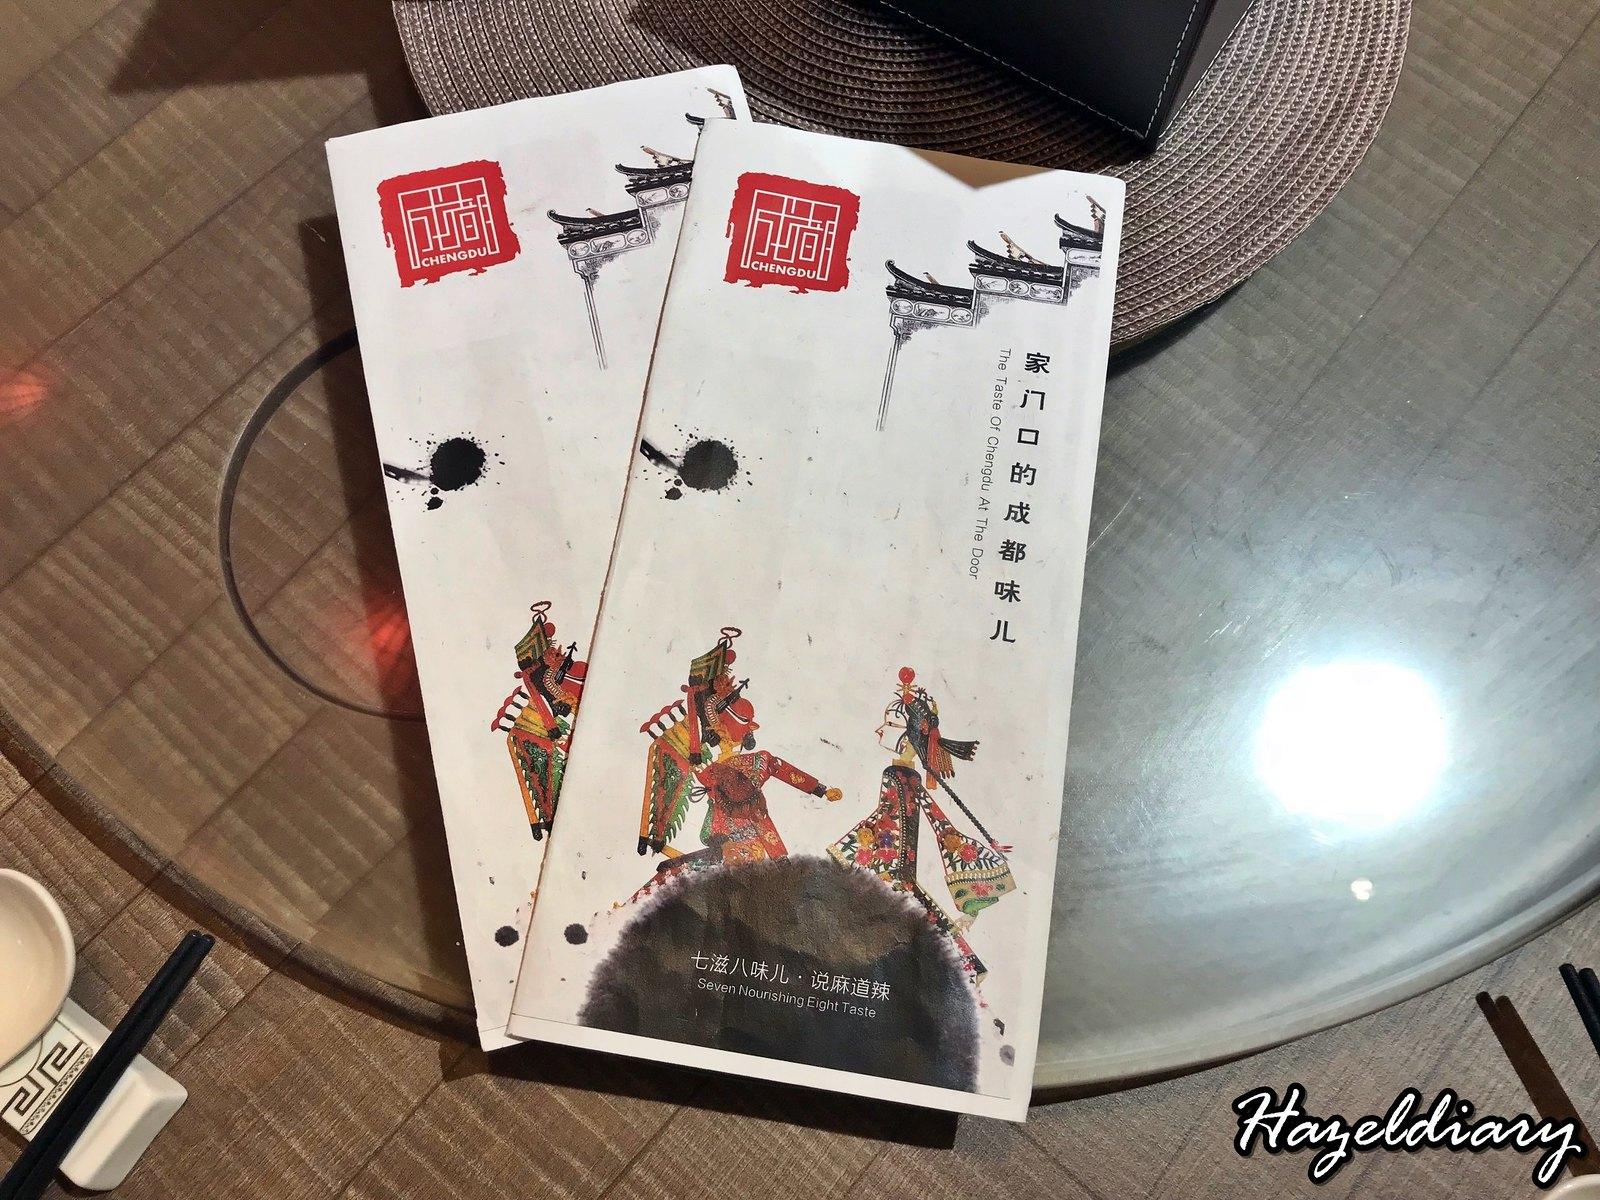 Chengdu Restaurant